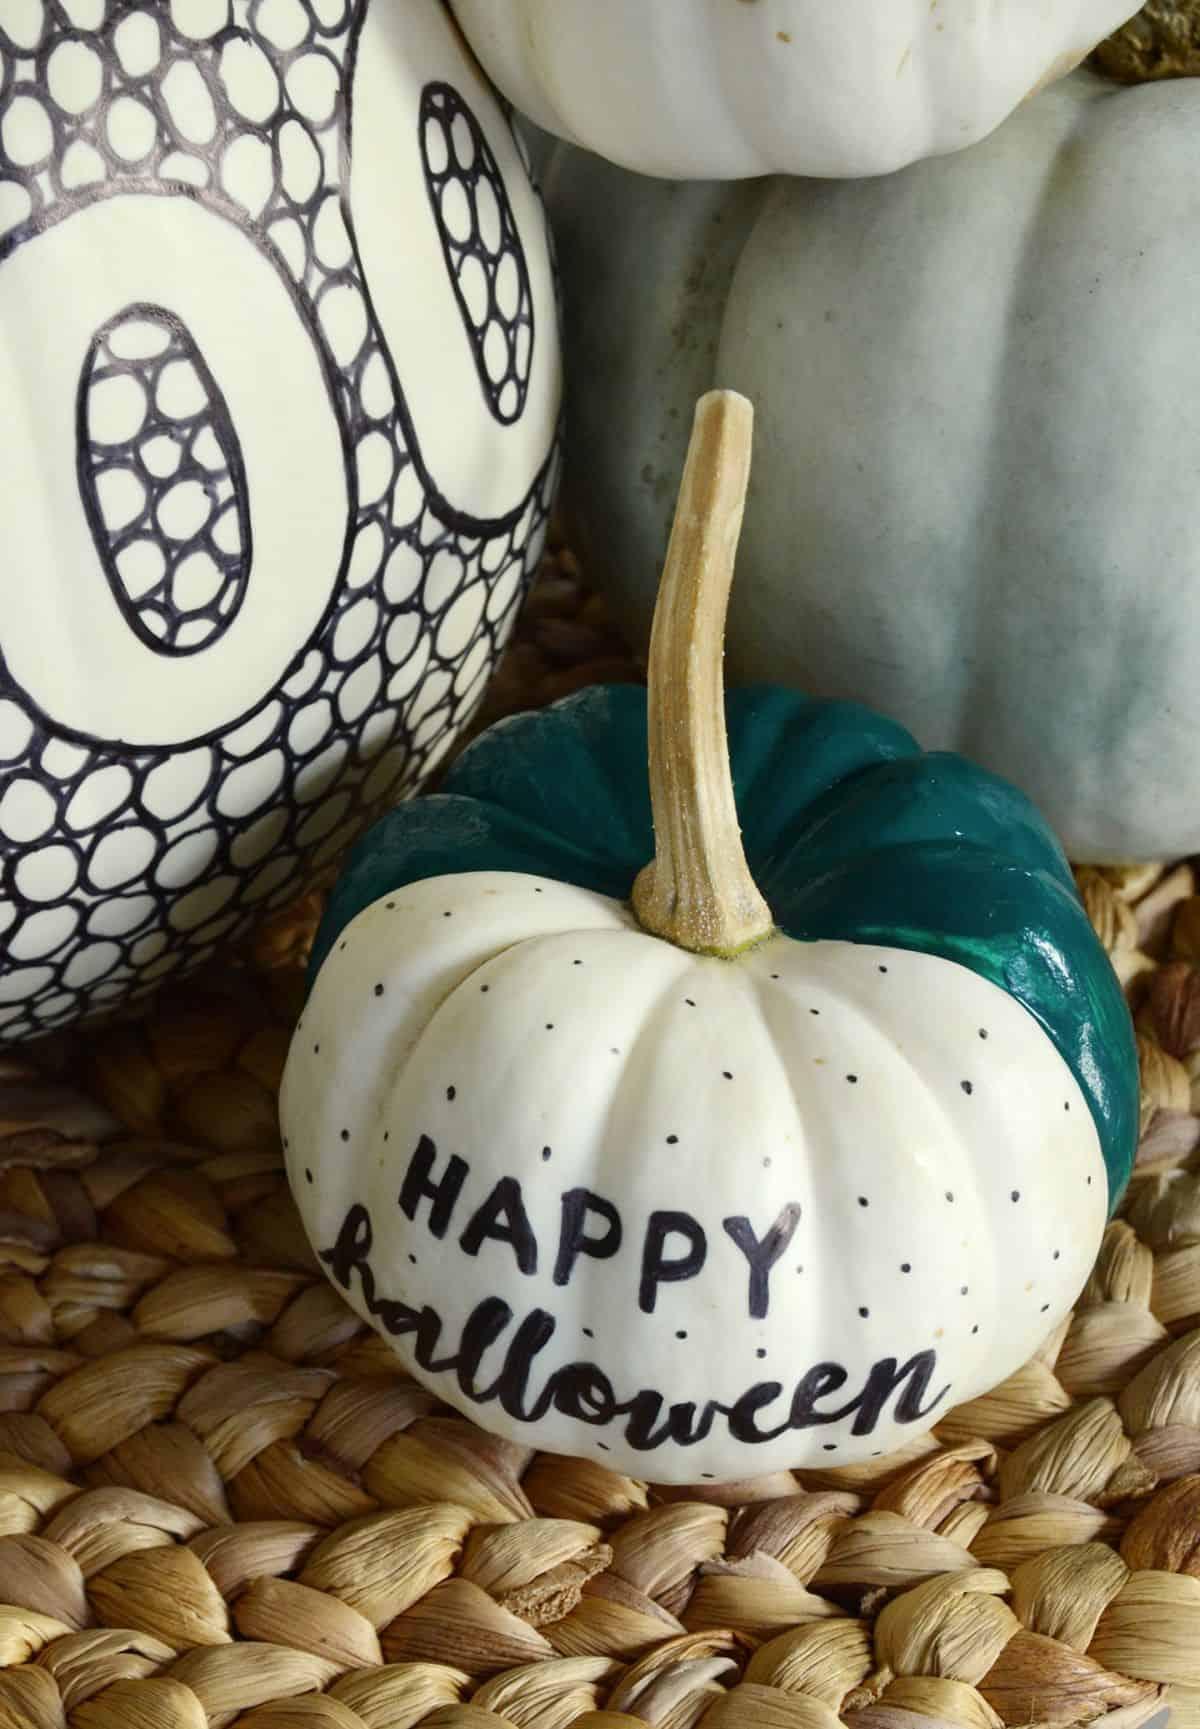 DIY fantasia de abóbora em preto e branco feliz dia das bruxas